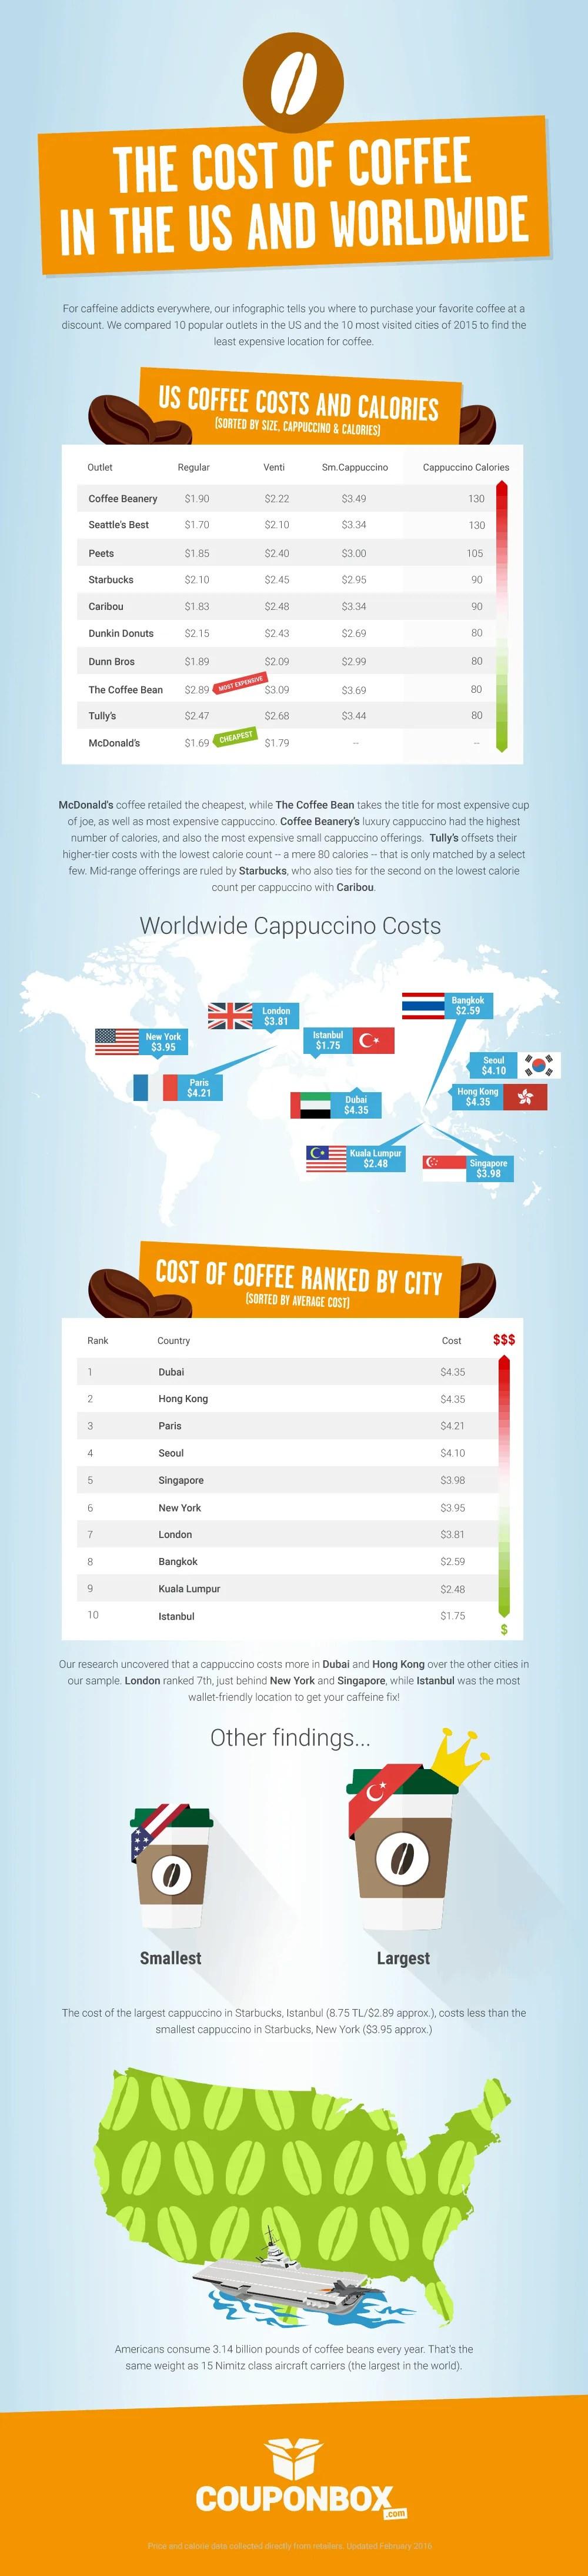 coffee-cost-usa-and-worldwide1